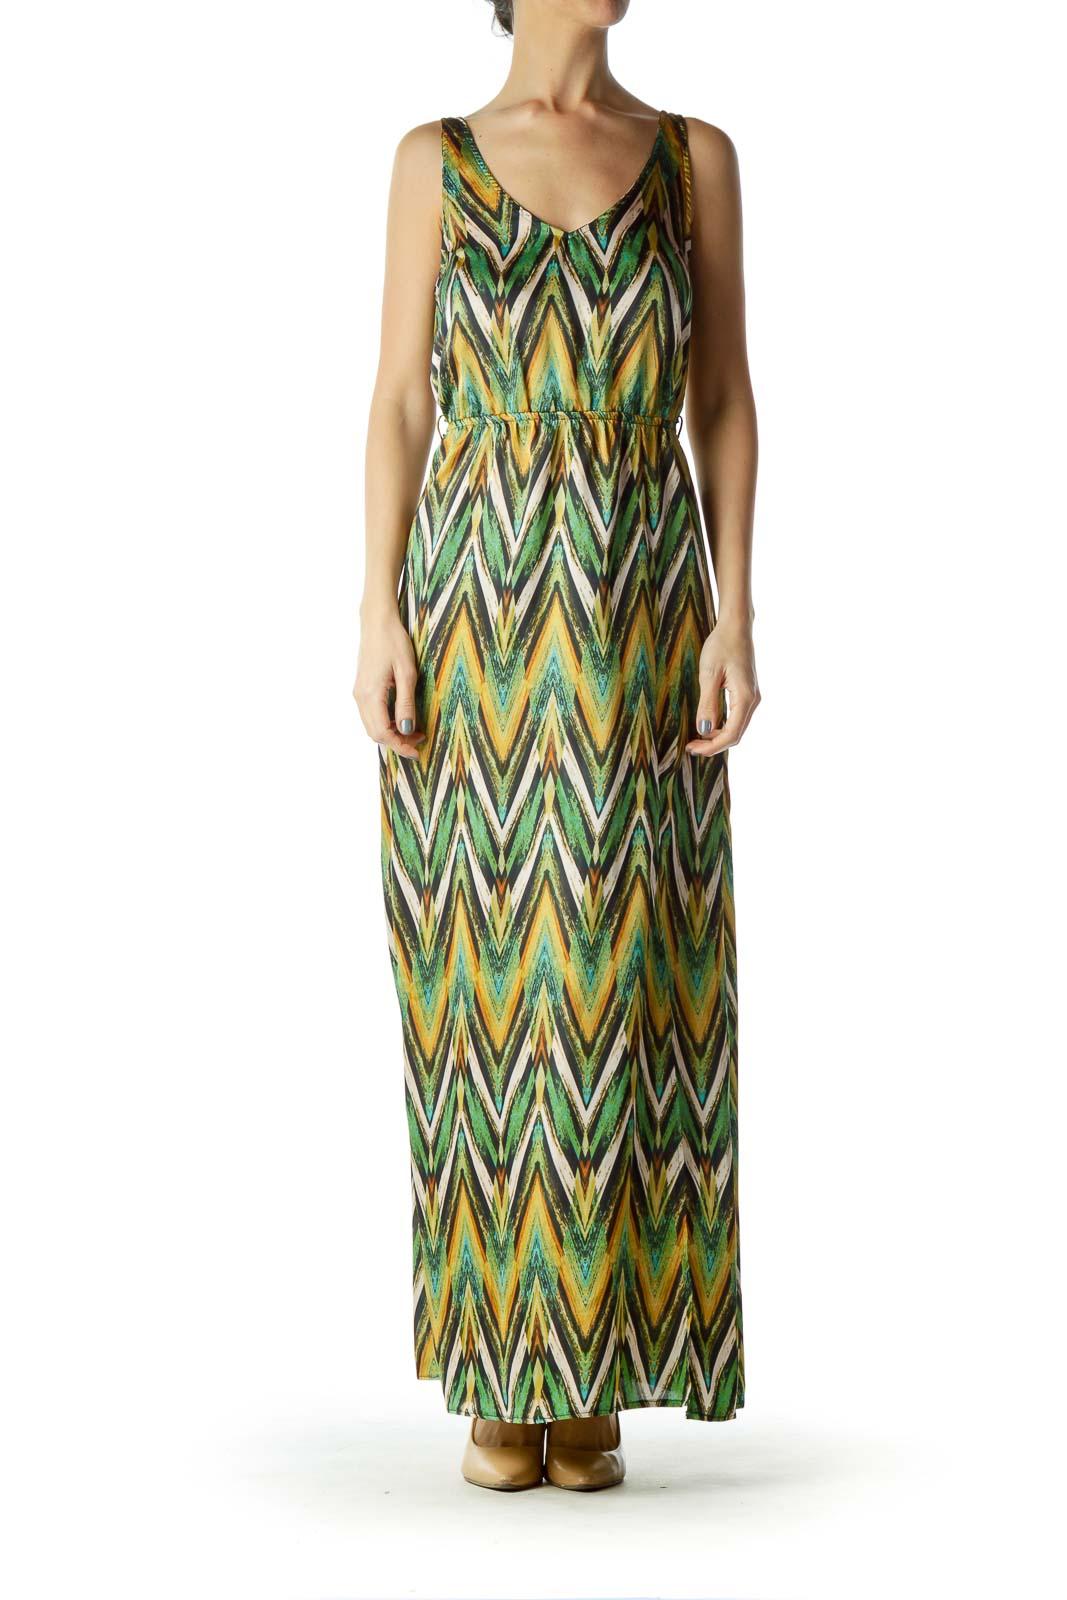 Green Beige Zig Zag Print Maxi Dress